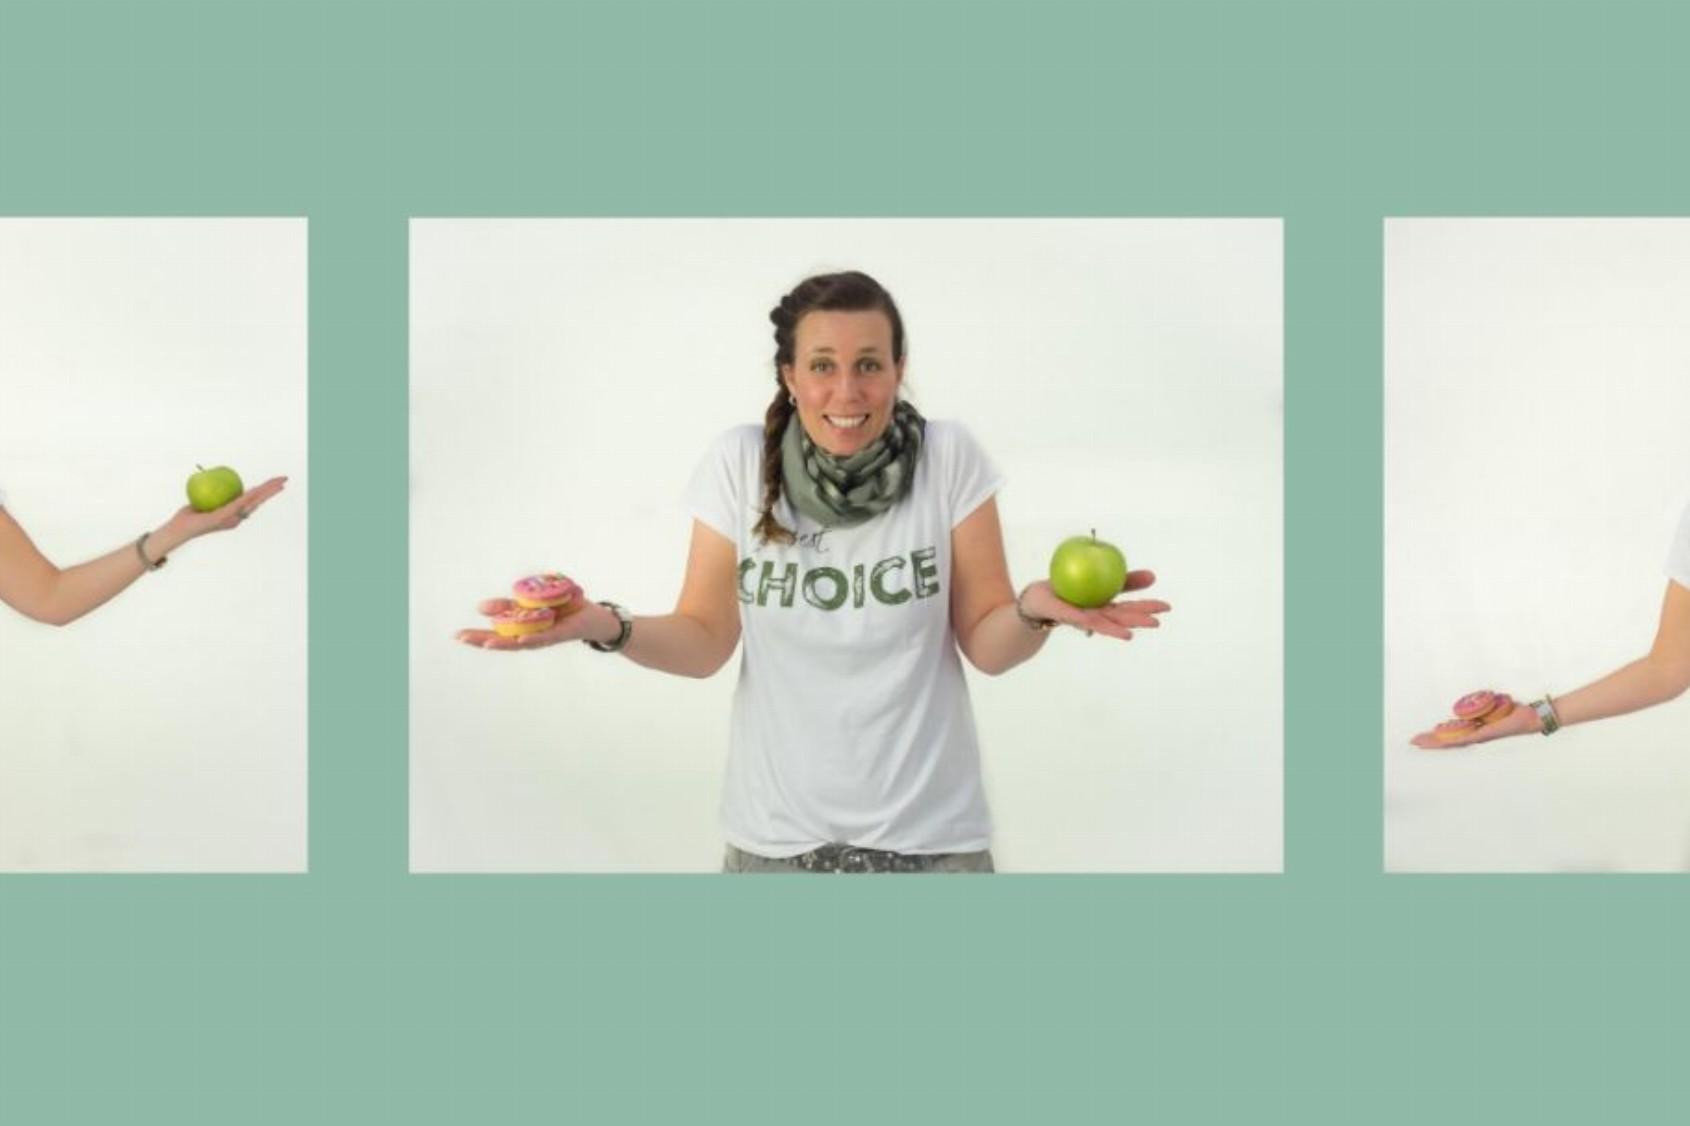 Blij met je lijf- Gewichtsconsulent- Volwassenen, kinderen en vrouwen in de overgang